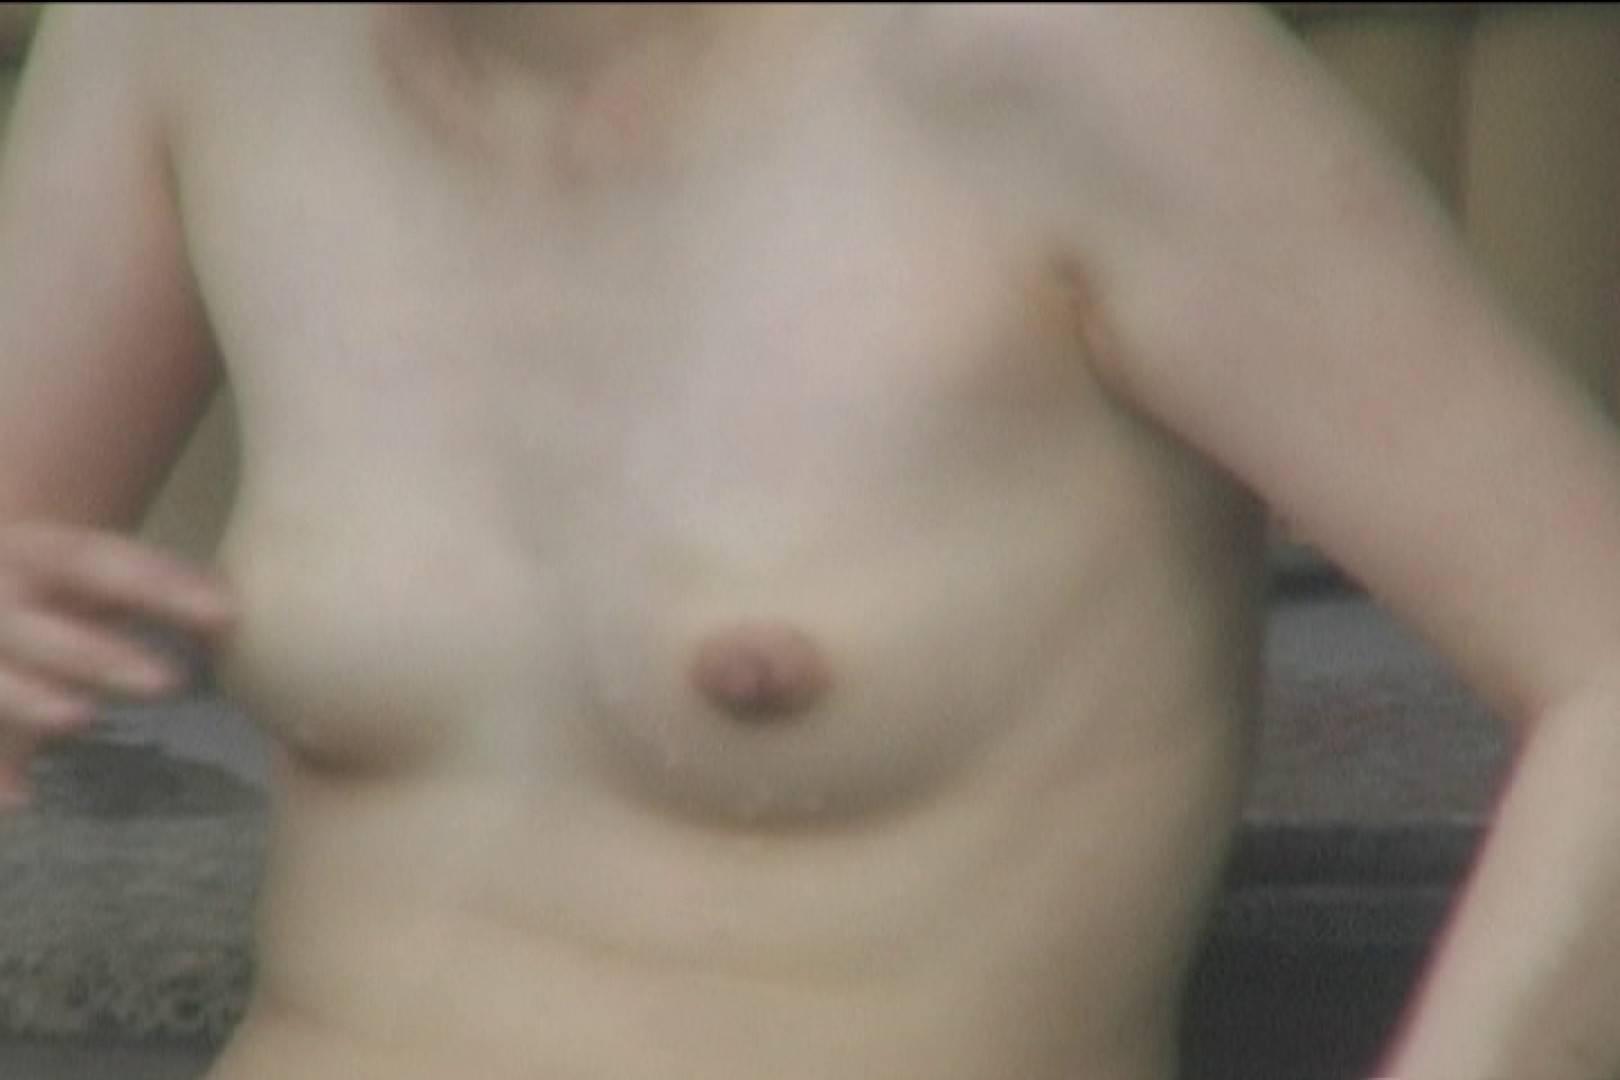 Aquaな露天風呂Vol.121 美しいOLの裸体  105pic 81